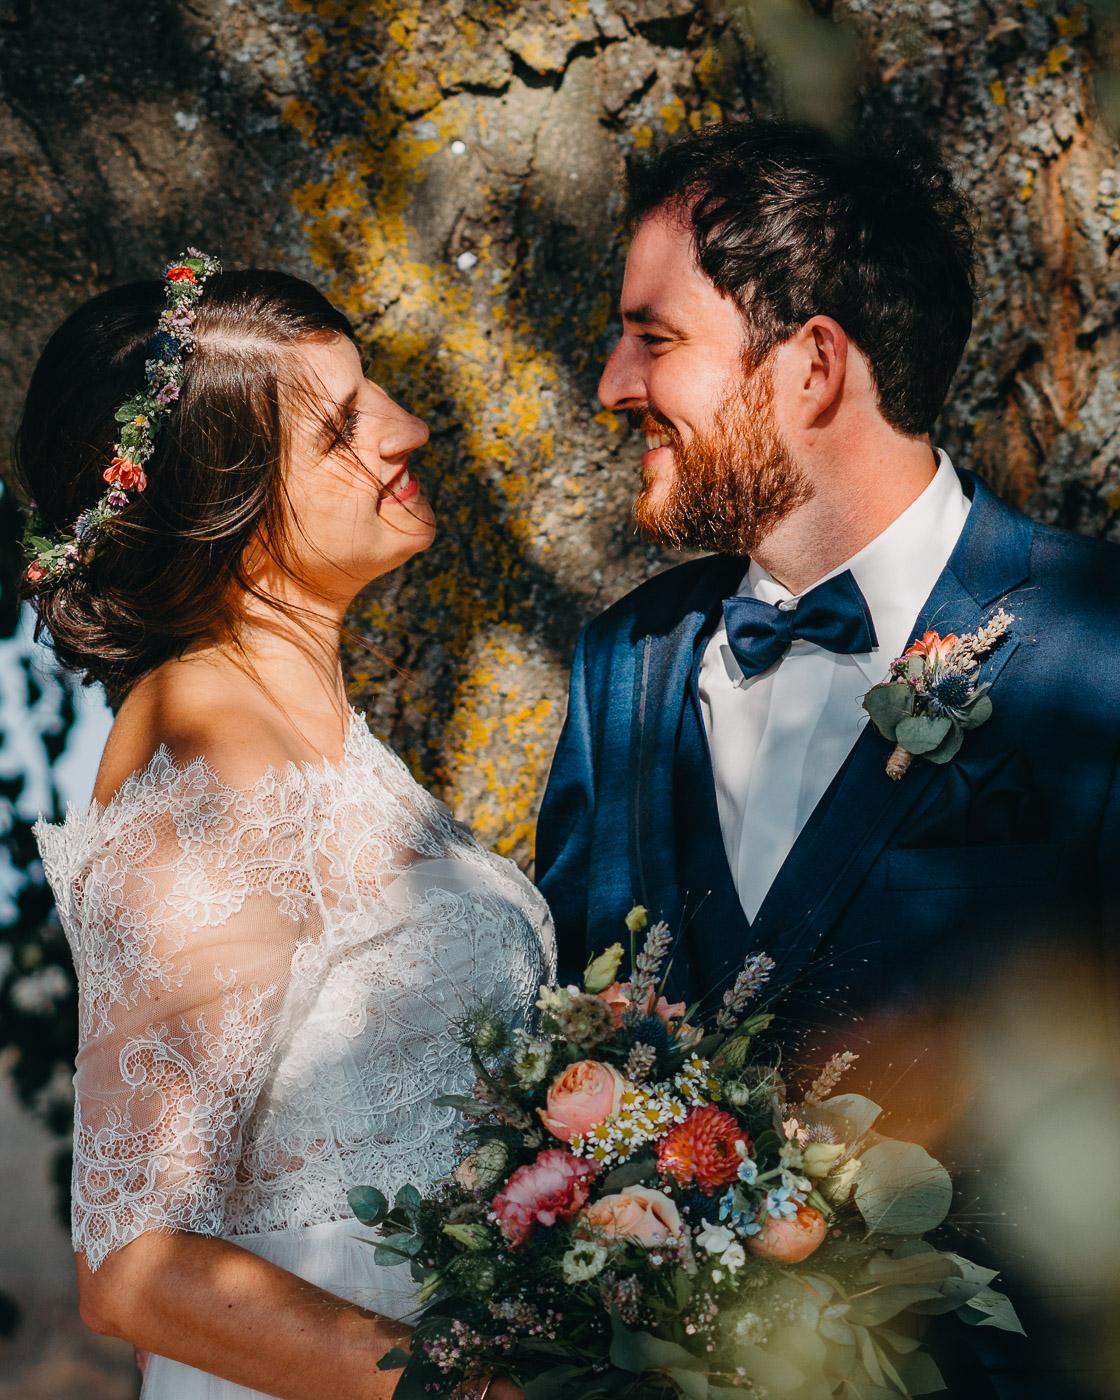 ZIBART.DE - wedding - lowq - 2018.08.04 - 2743.JPG